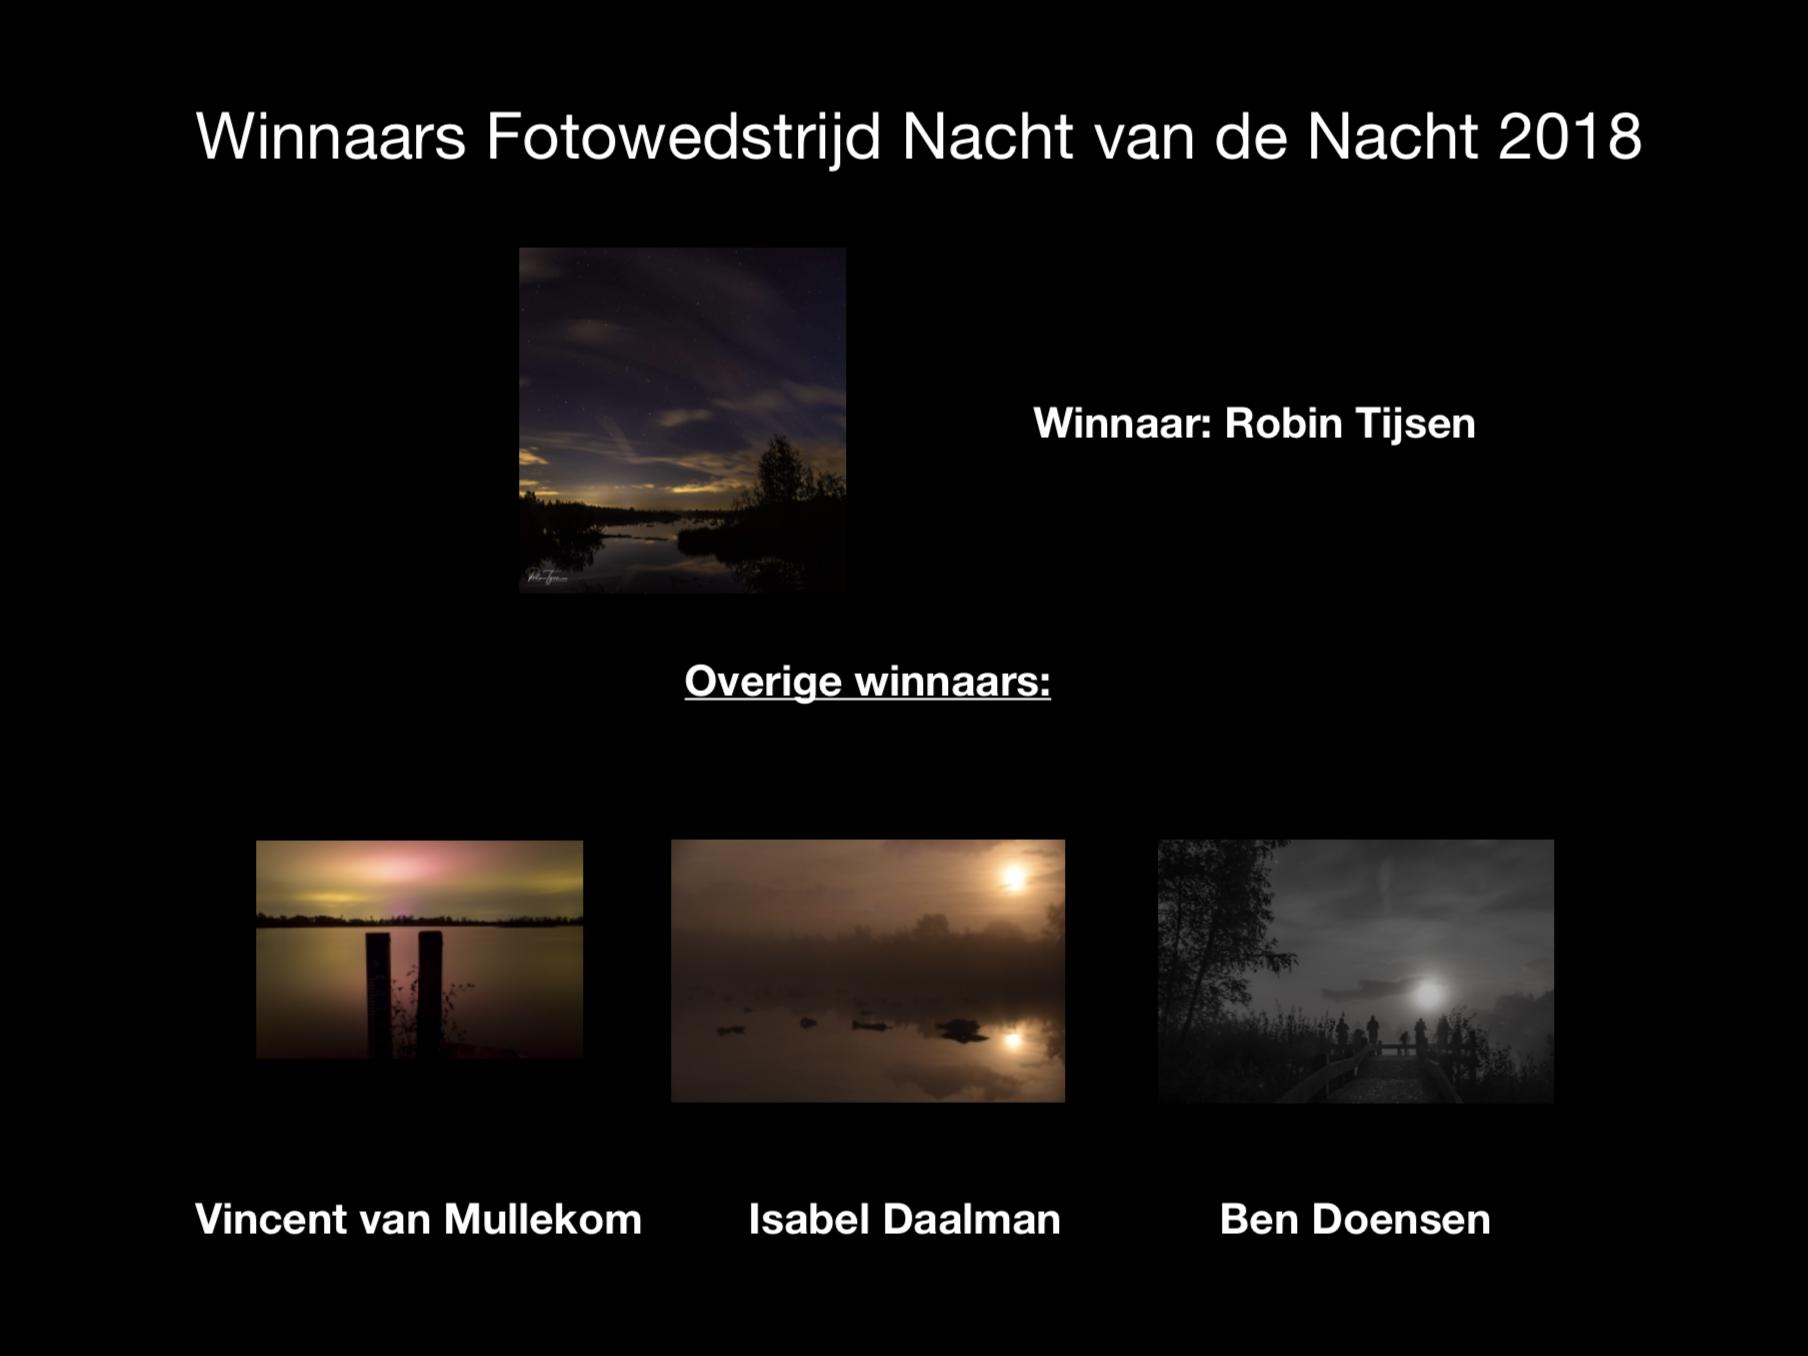 De winnaars van de Fotowedstrijd Nacht van de Nacht